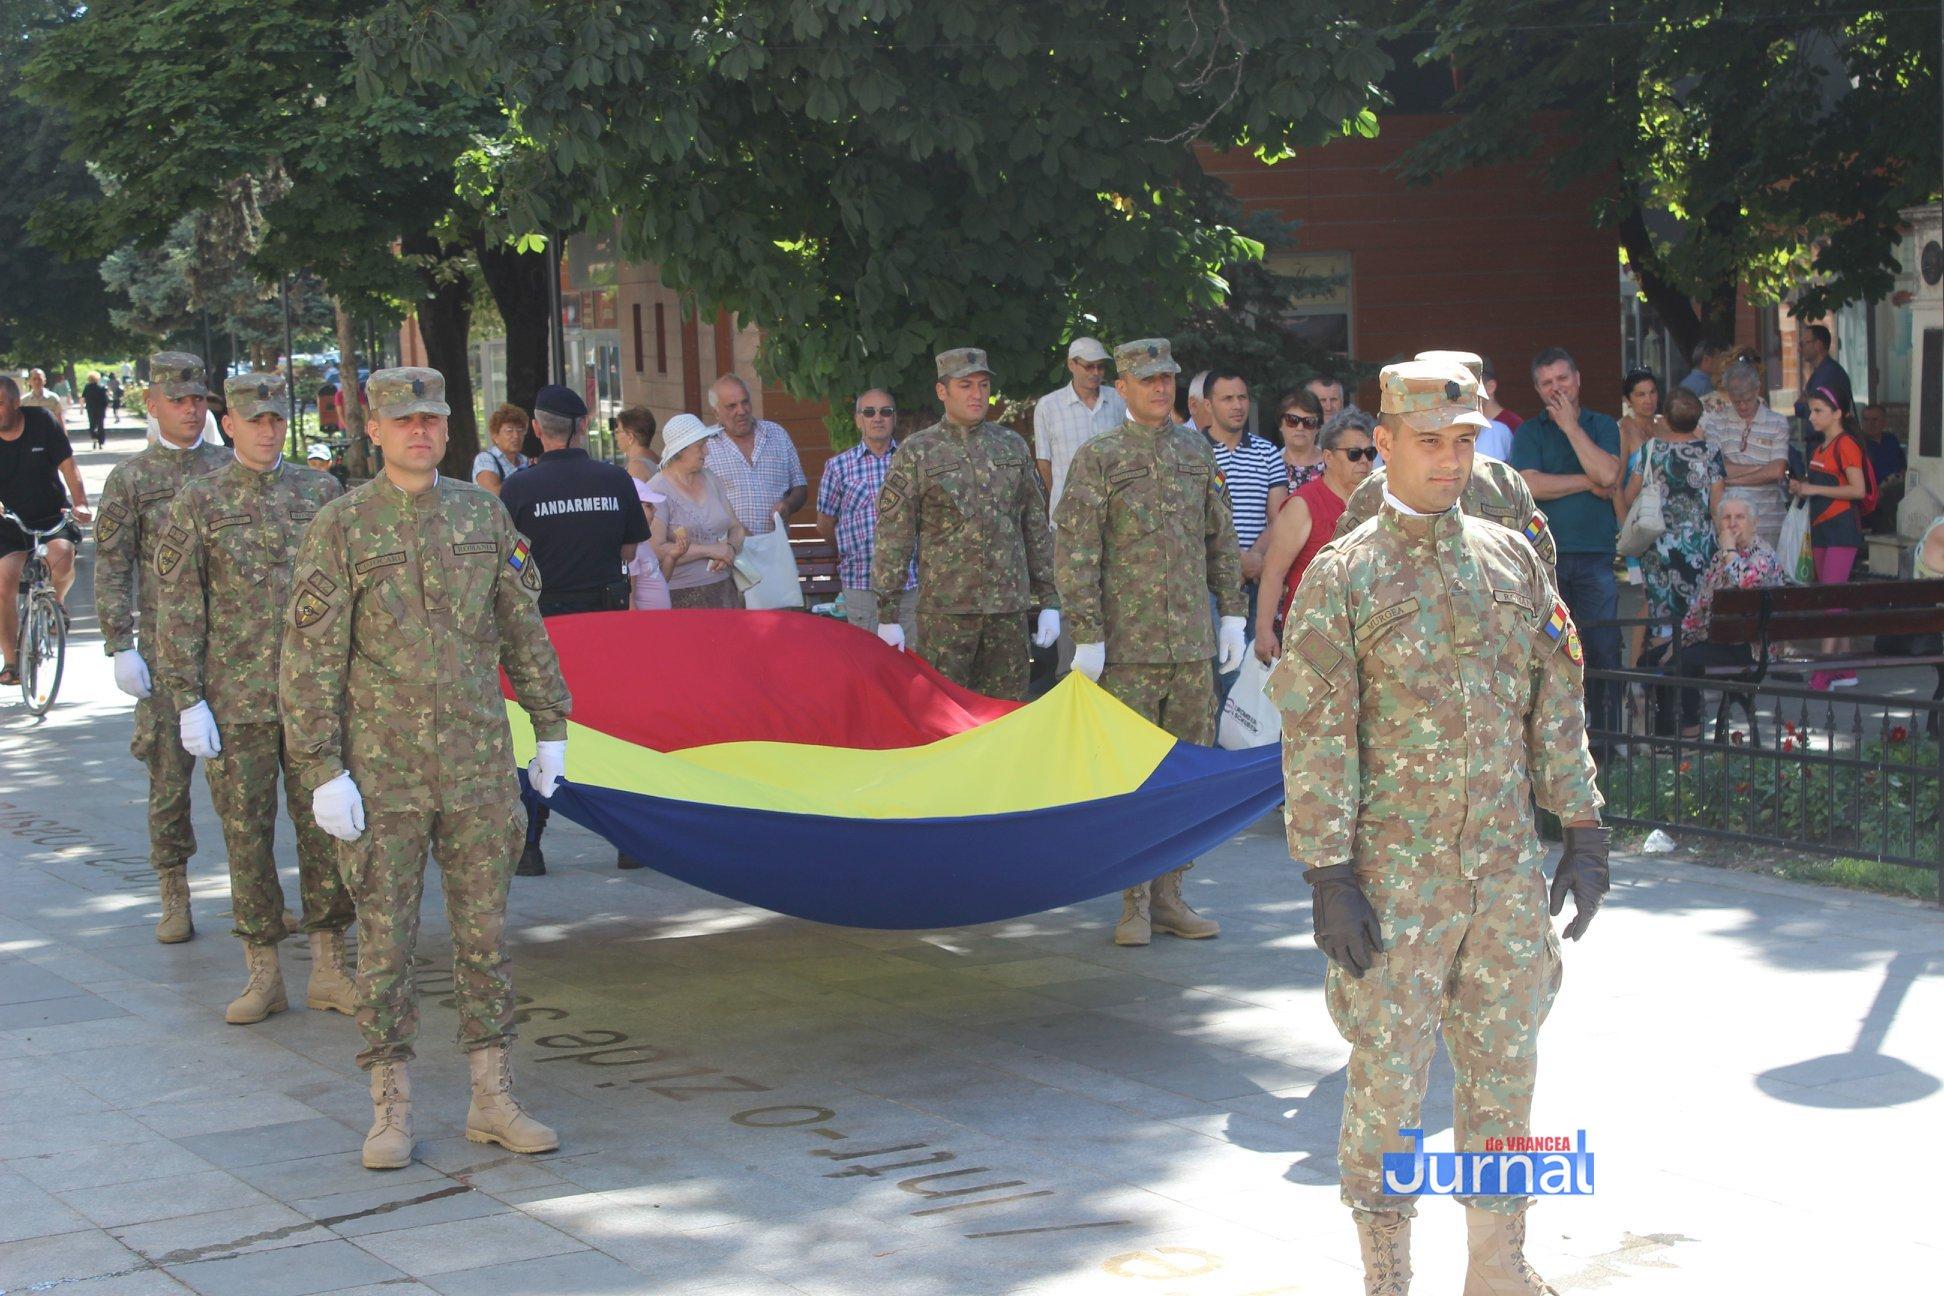 drapel 6 - GALERIE FOTO: Ceremonie la Focșani de Ziua Drapelului